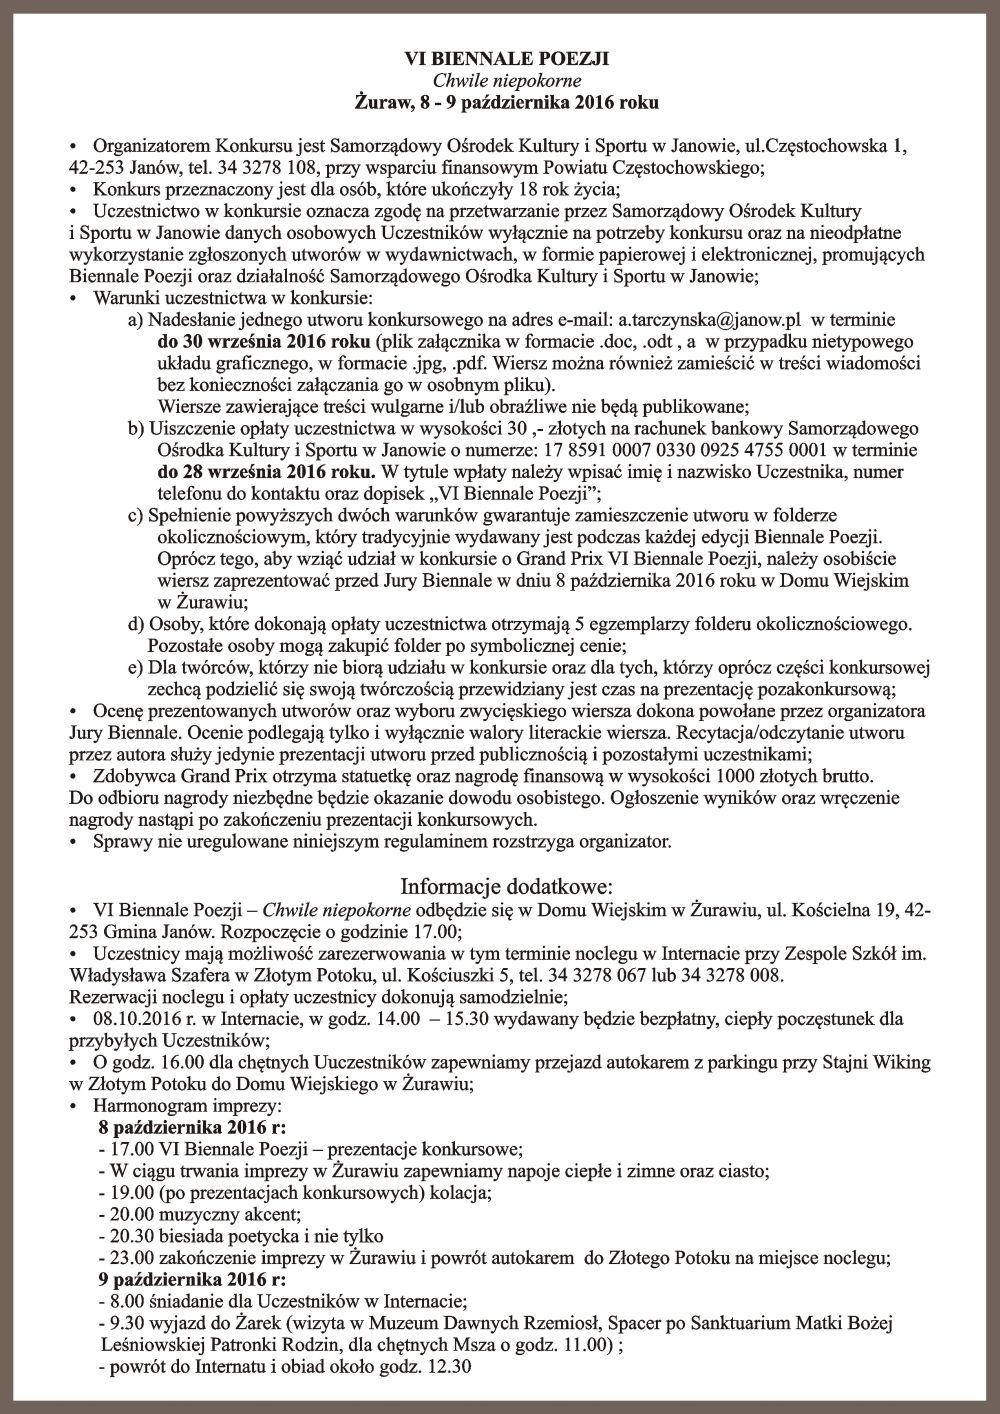 regulamin 6 biennale poezji.jpg